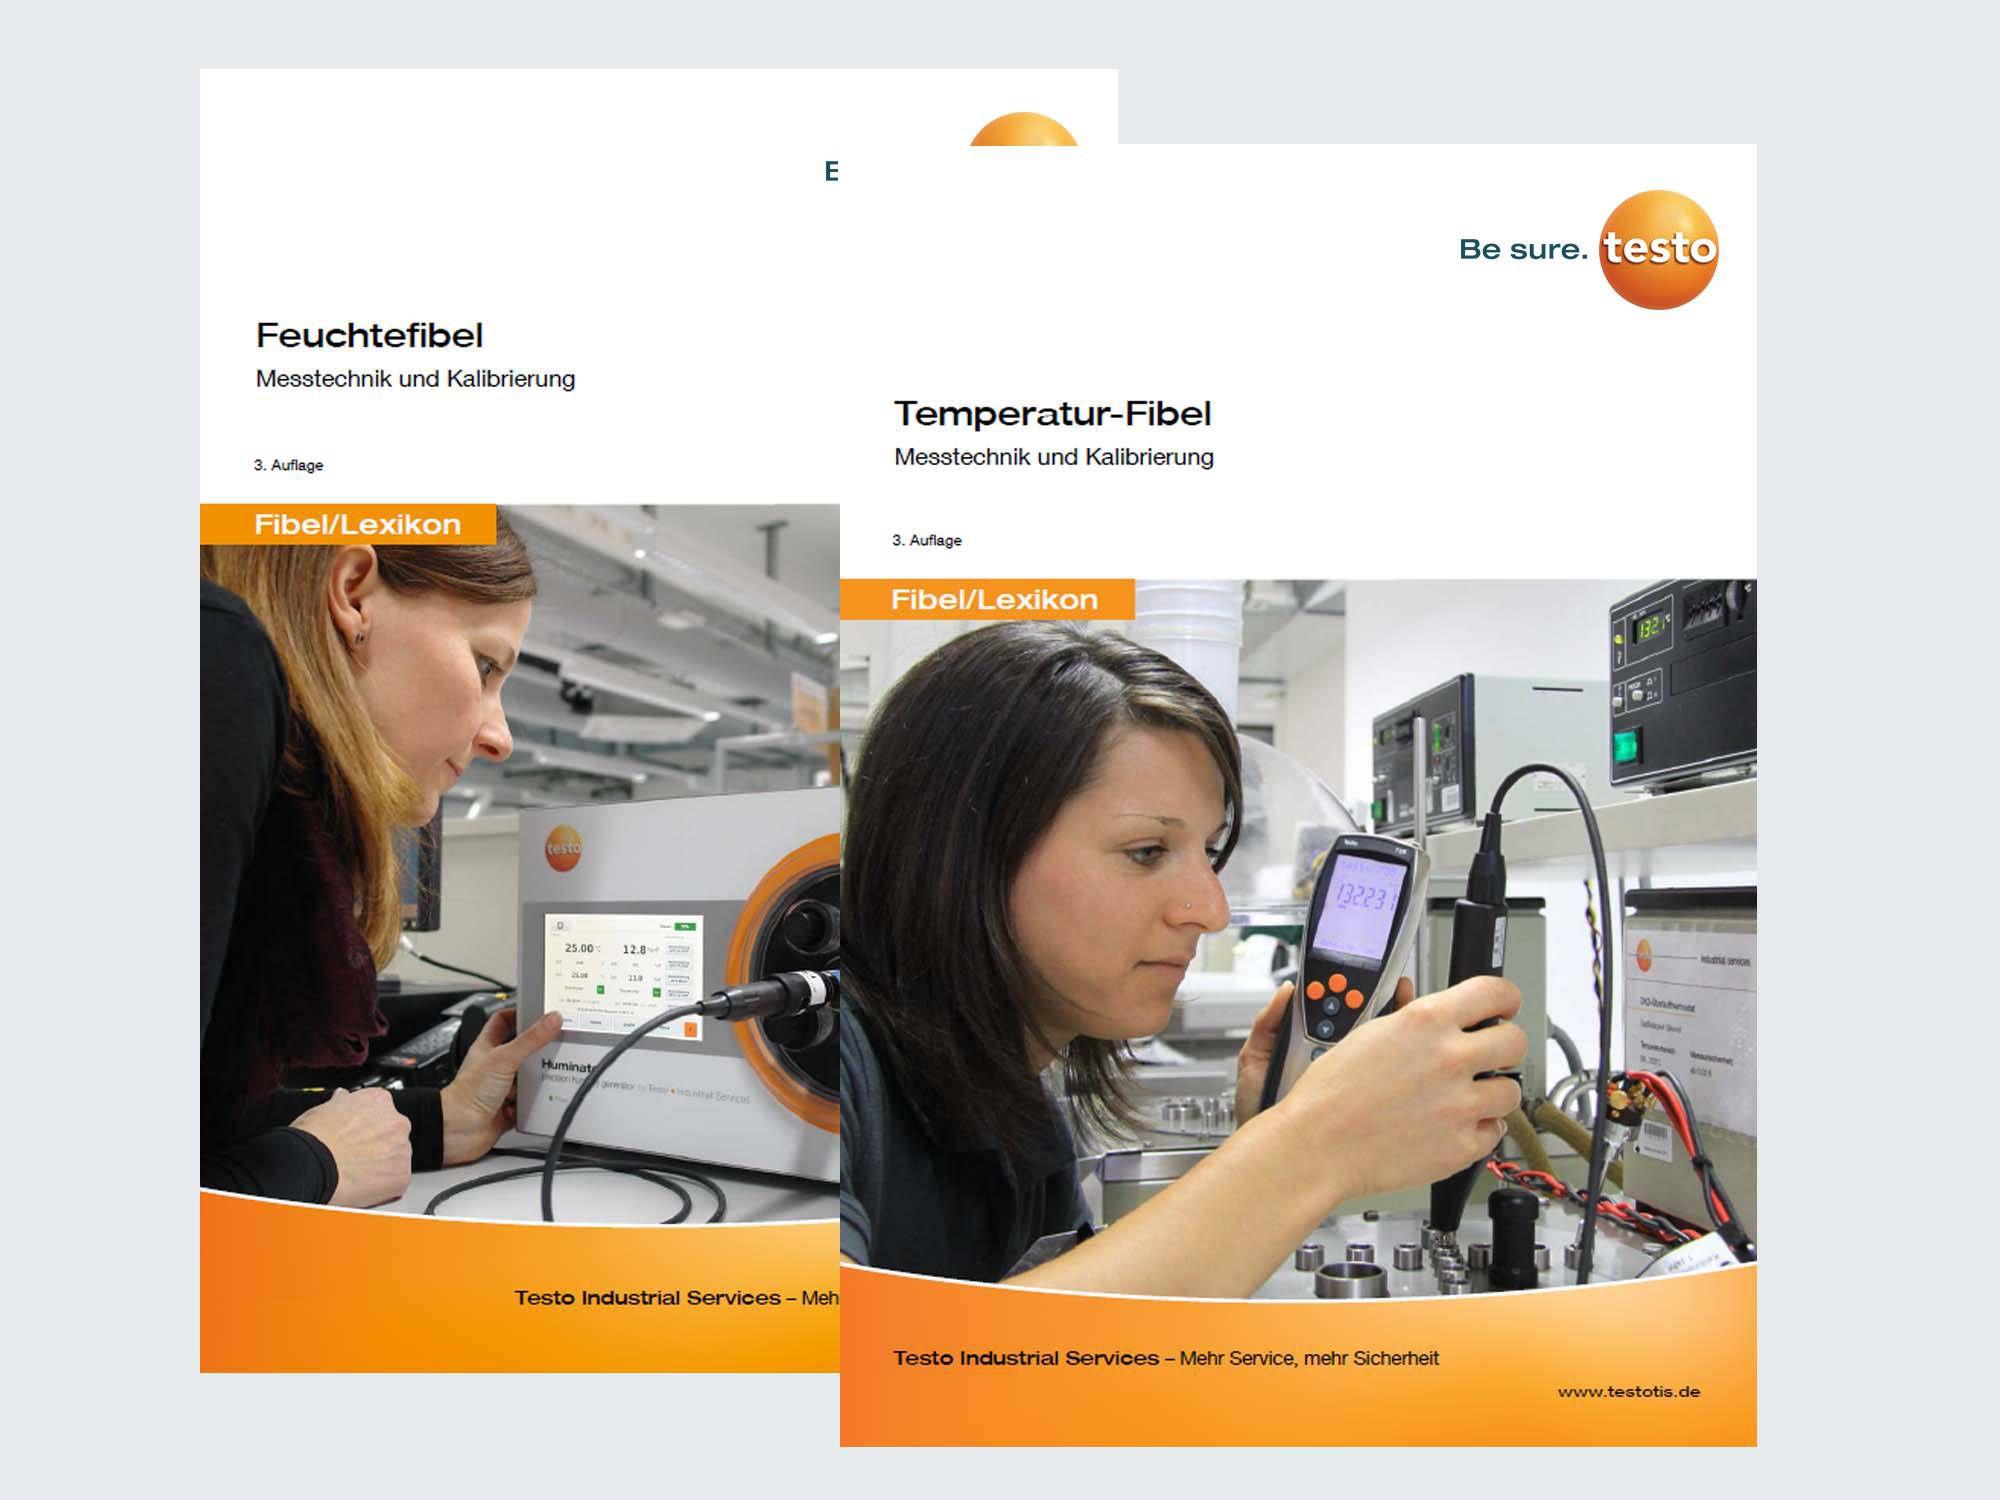 fibel-temperatur-feuchte-testo-tis-download-vorschau.jpg